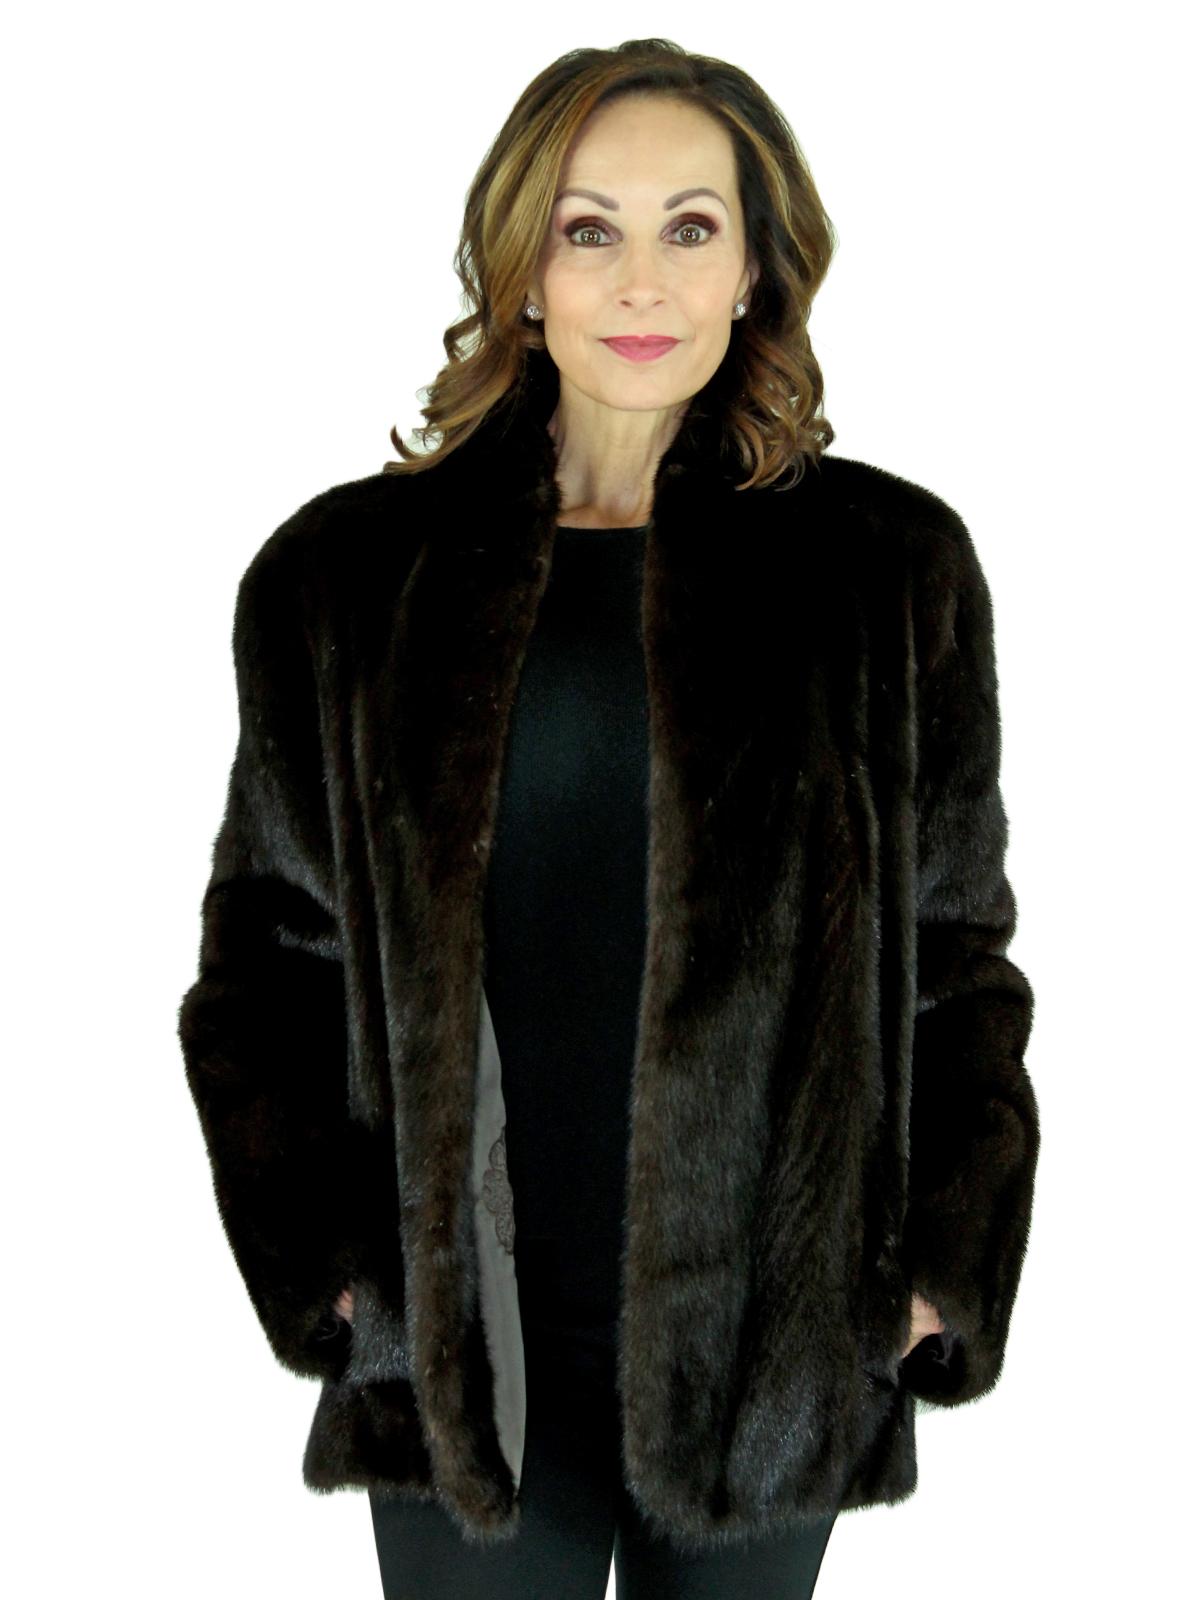 Woman's Deep Mahogany Mink Fur Jacket